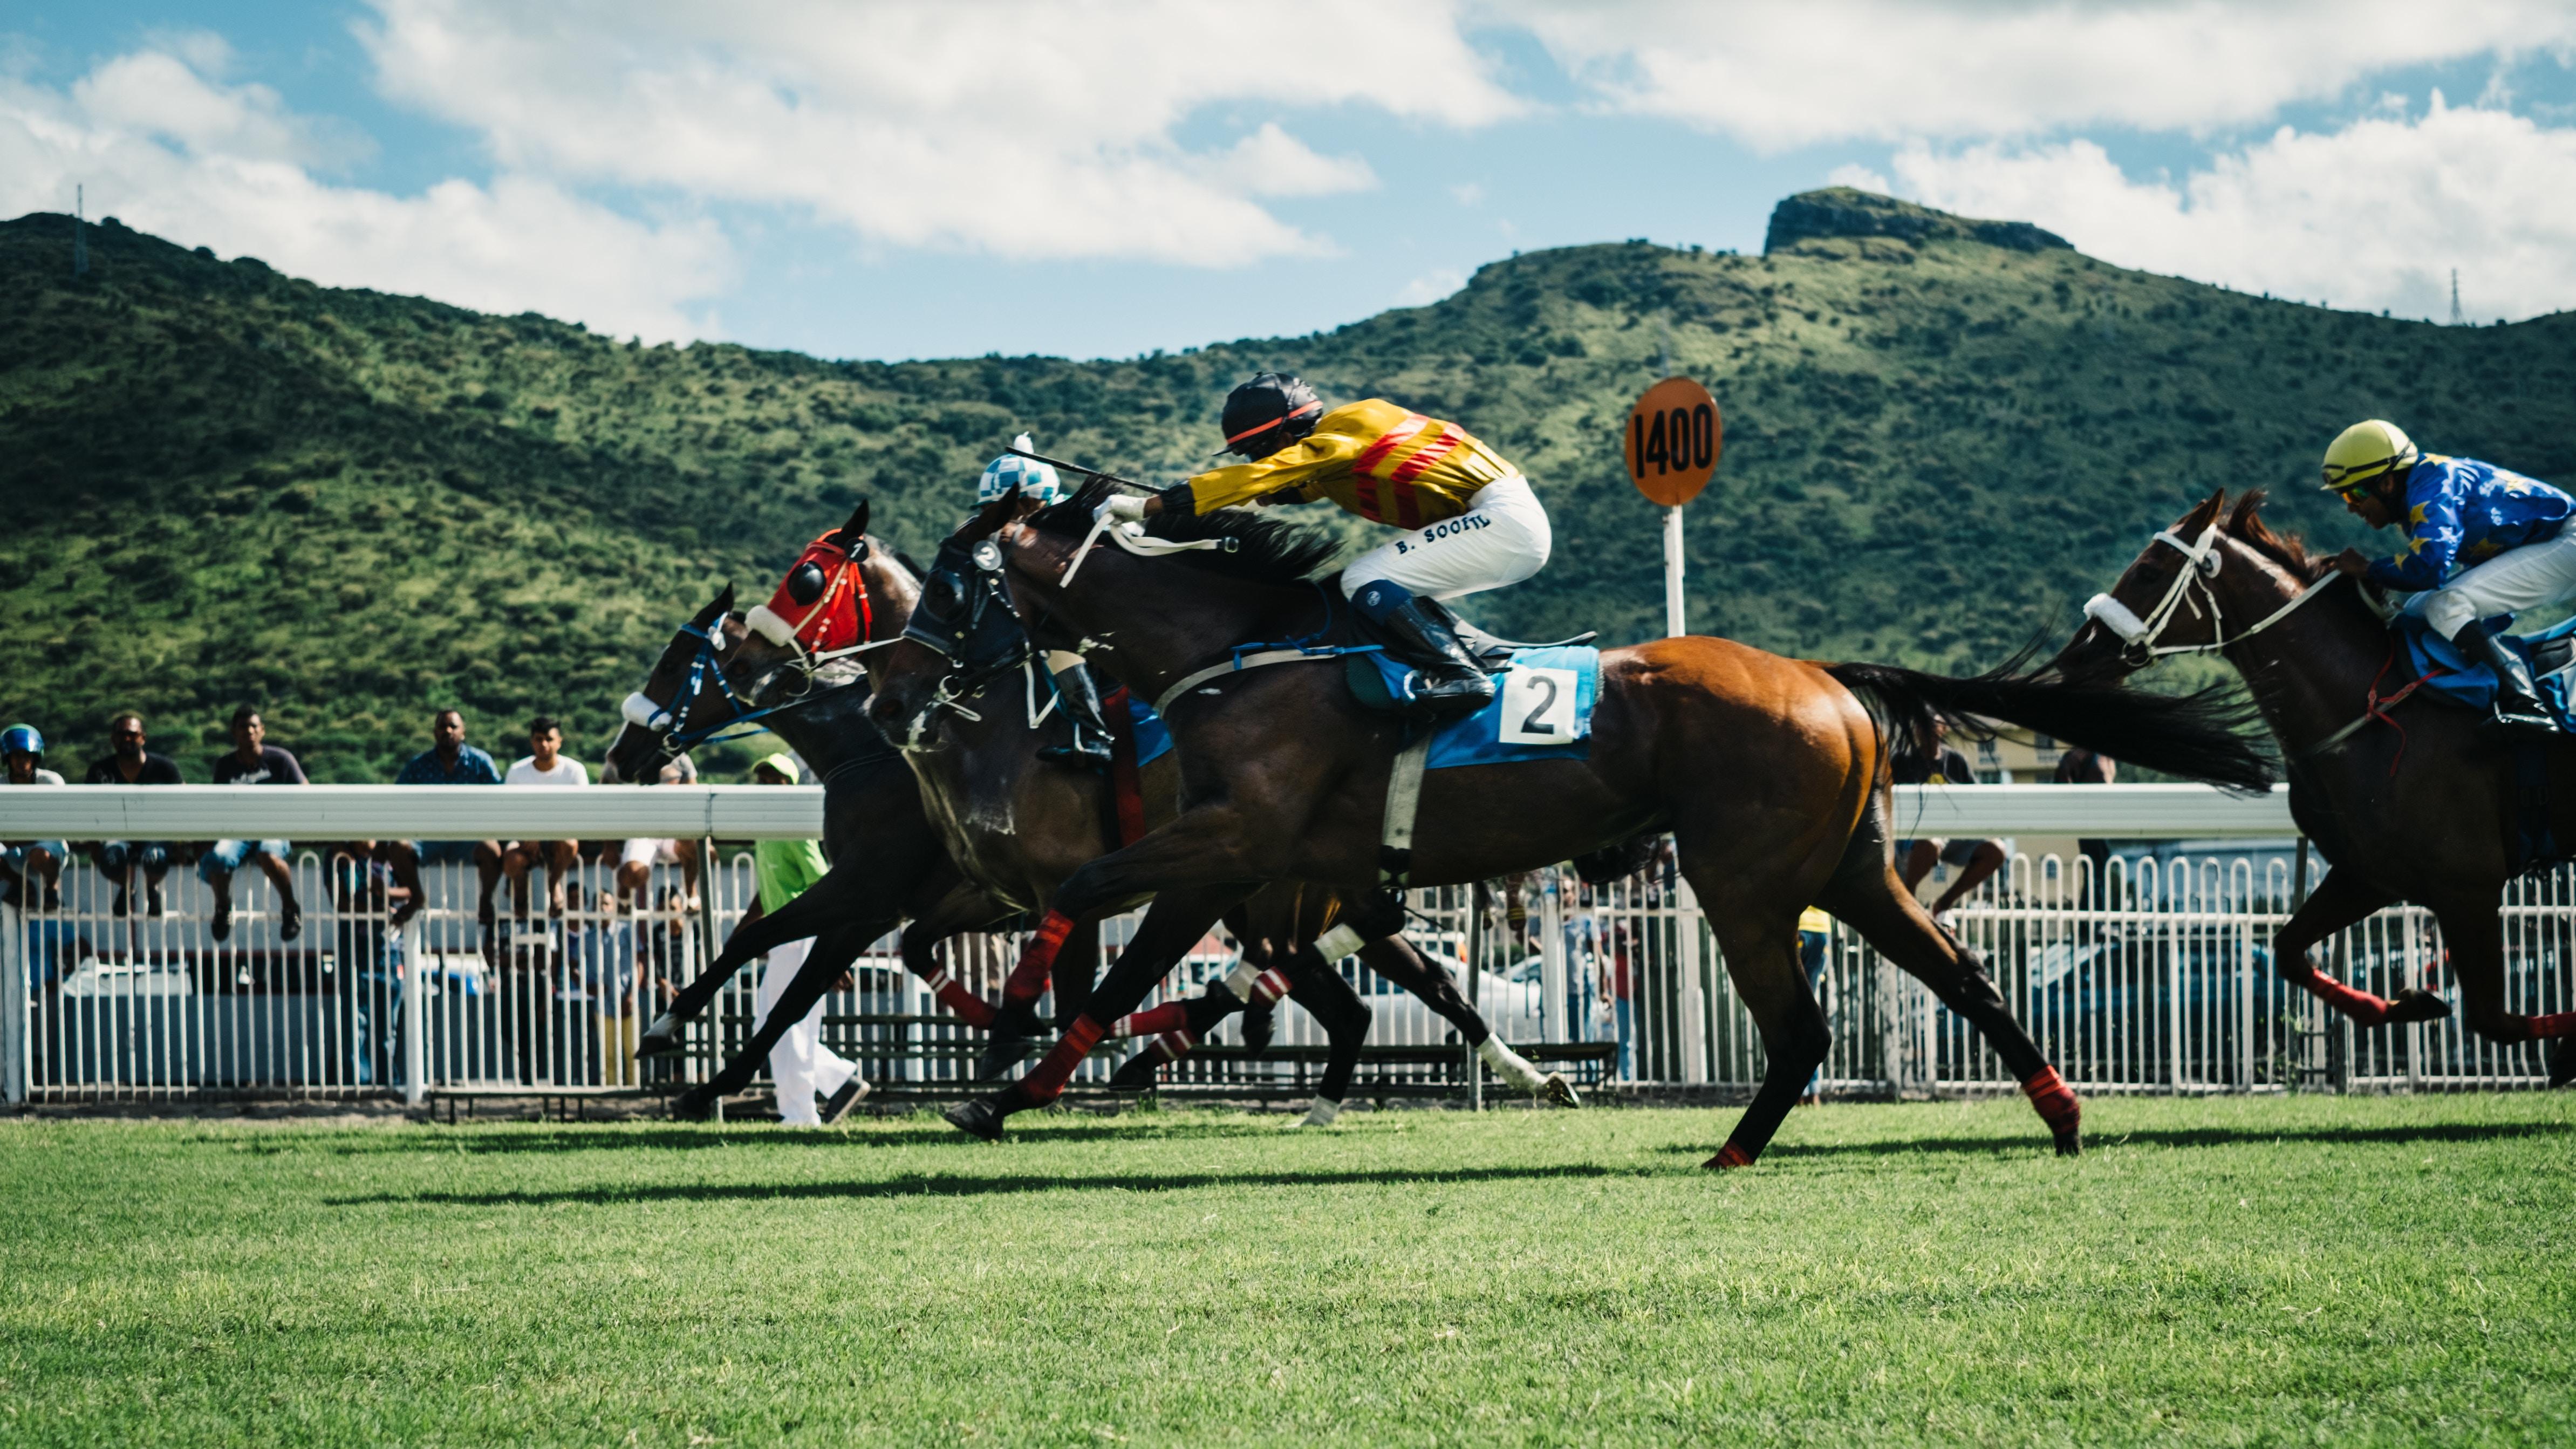 Cavalo correndo rápidamente